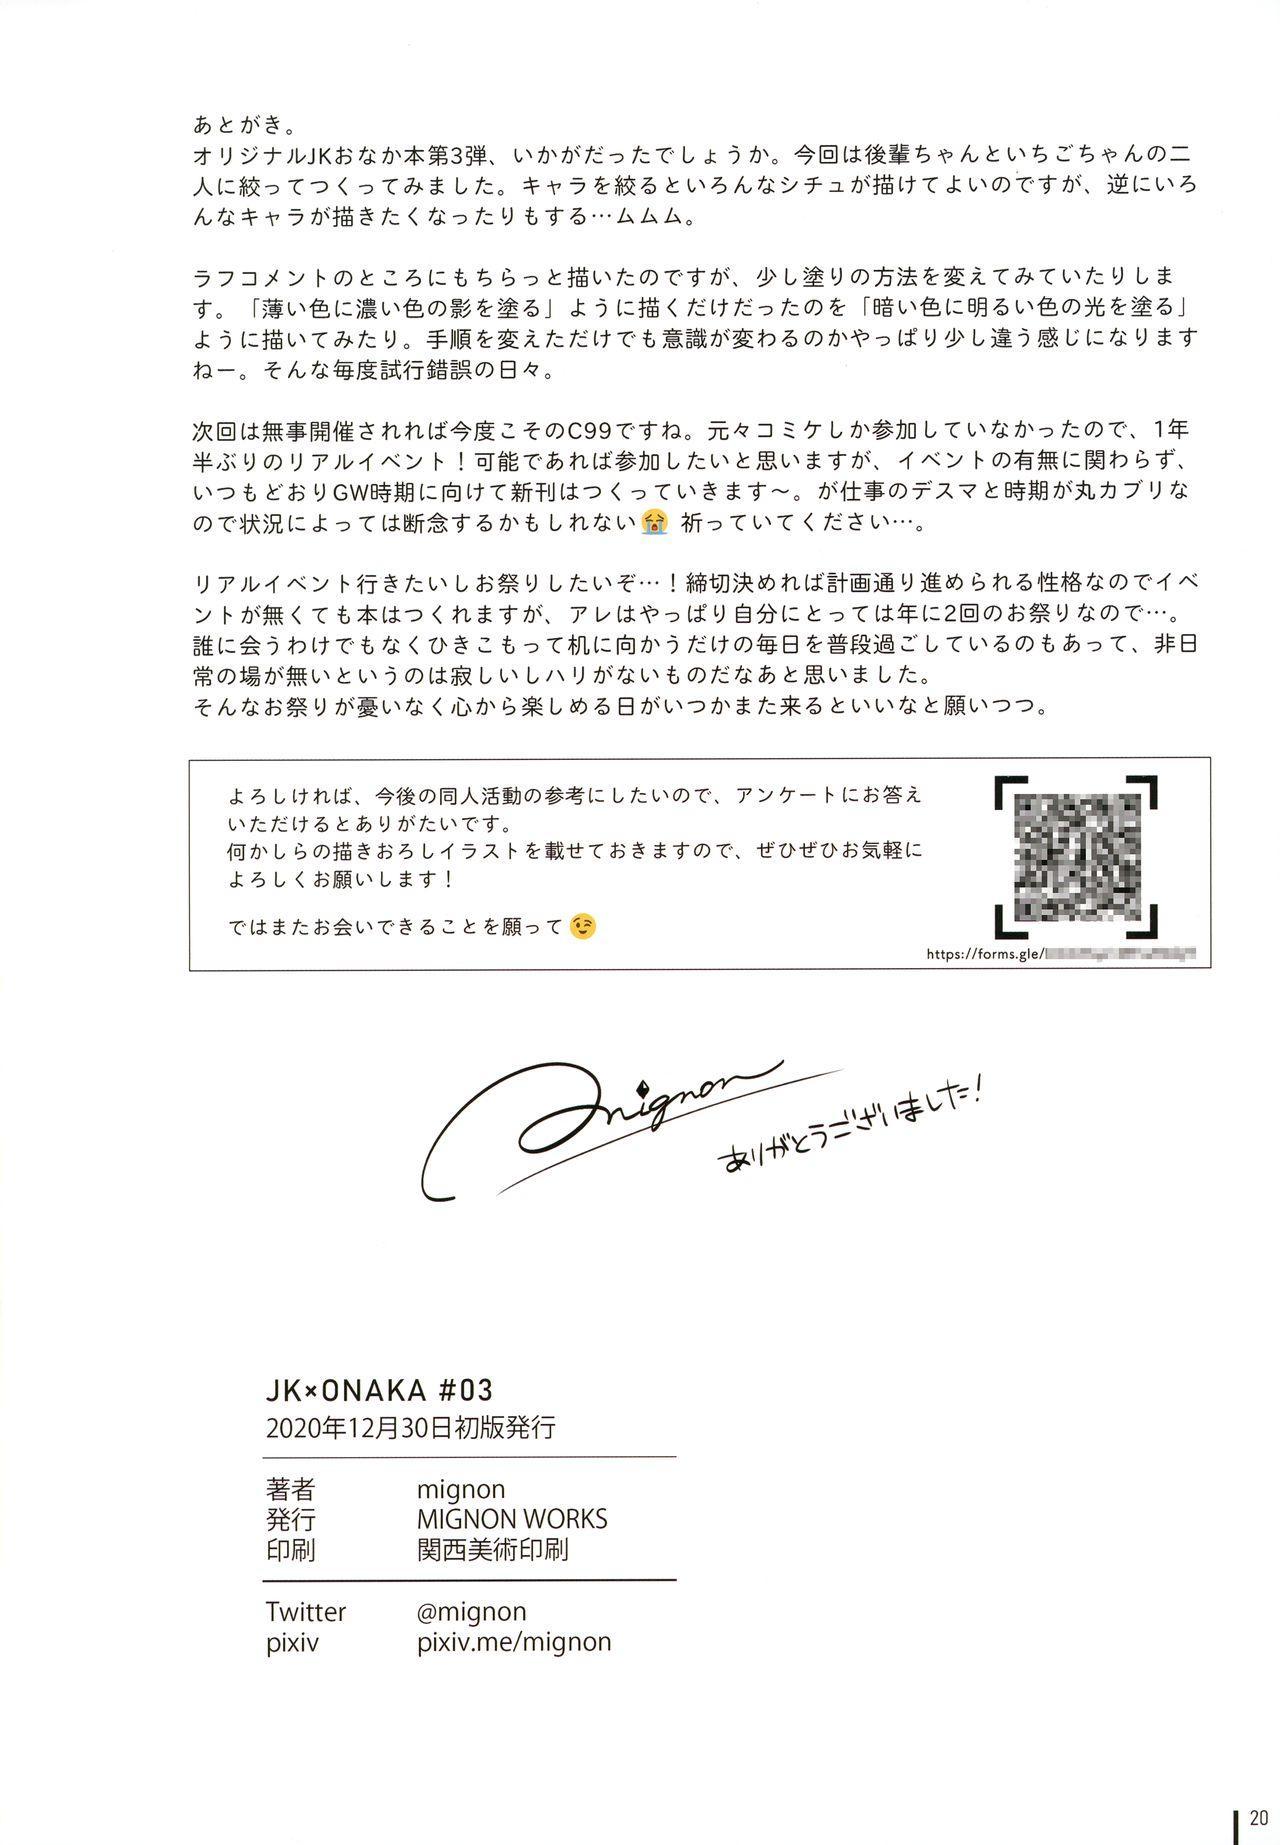 JK x ONAKA #03 20